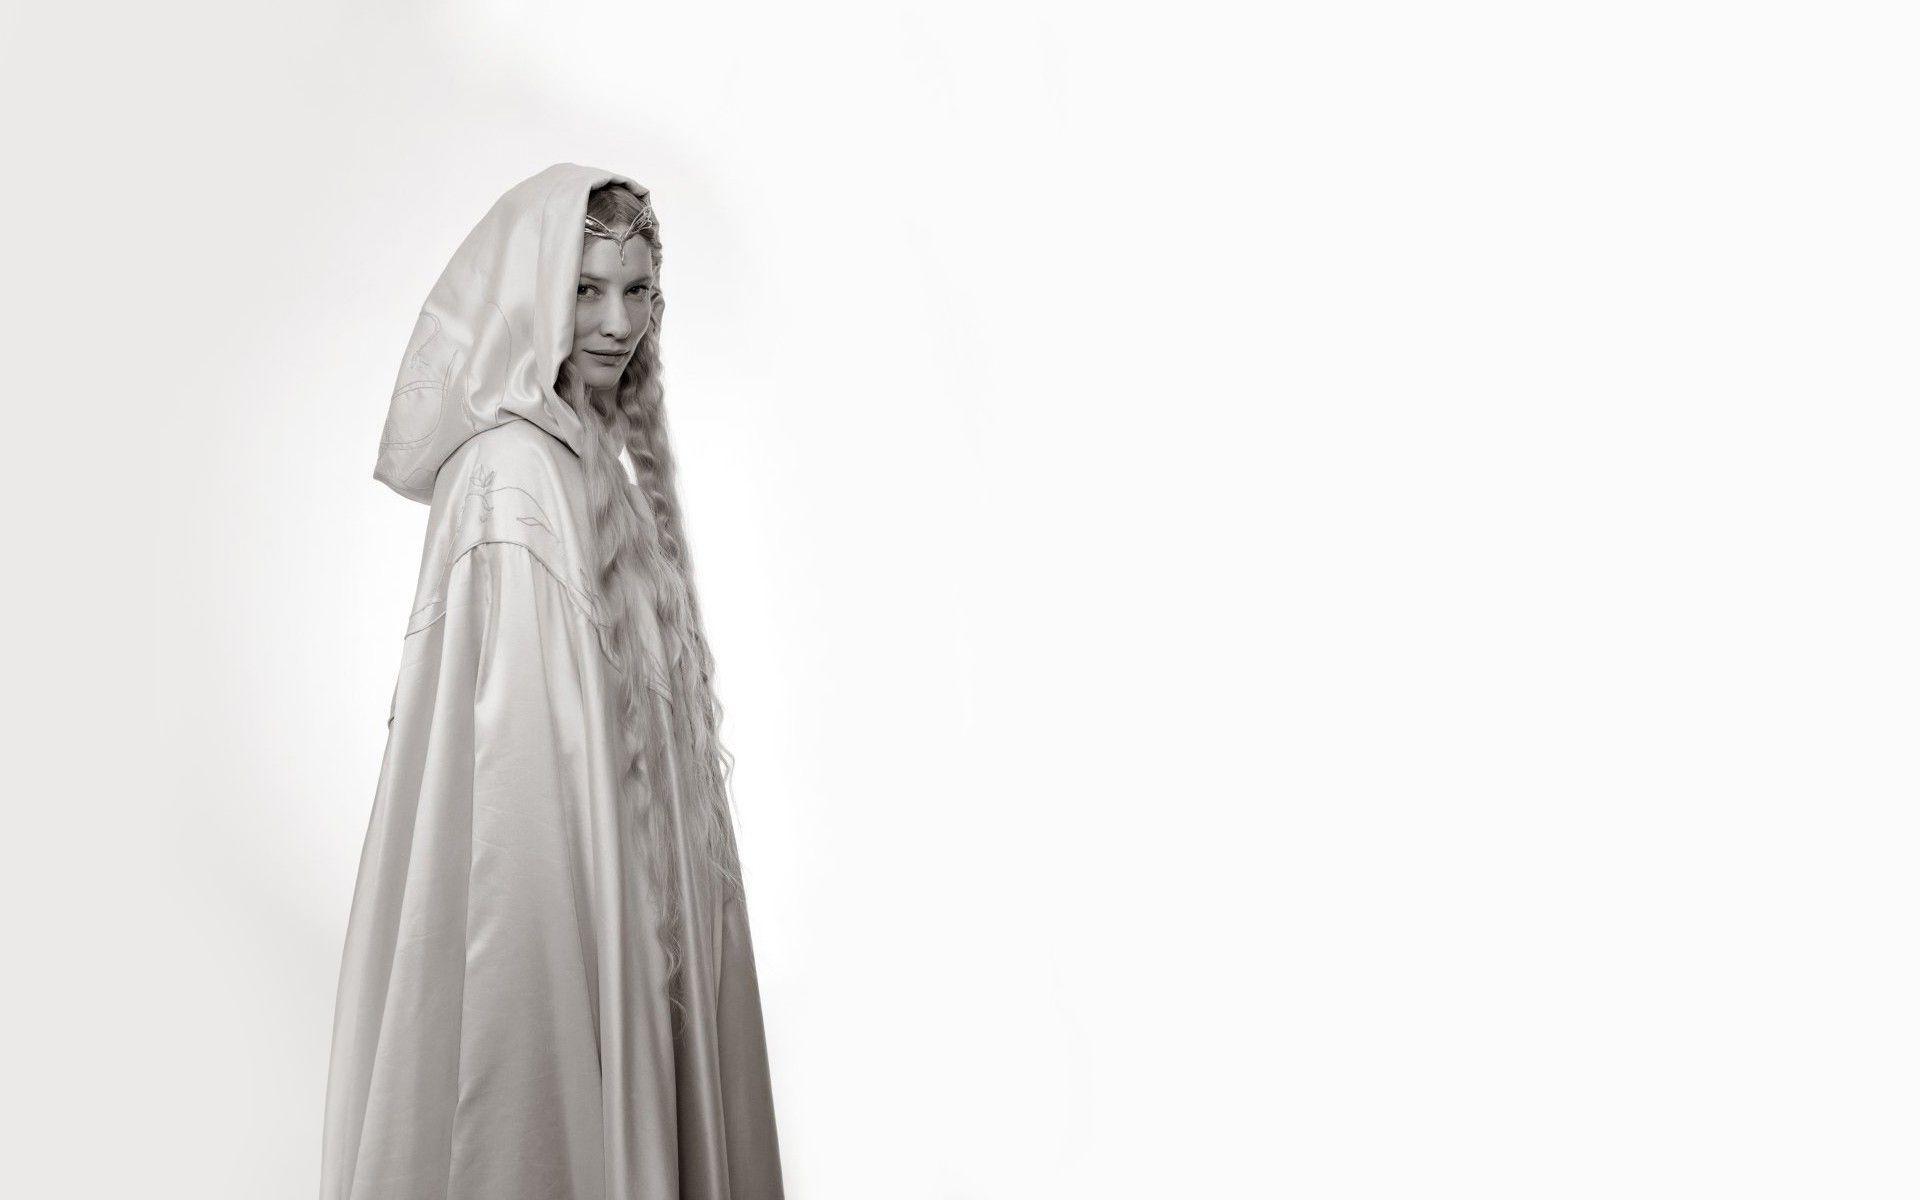 Cate Blanchett Wallpapers   HD Wallpapers Inn 1920x1200